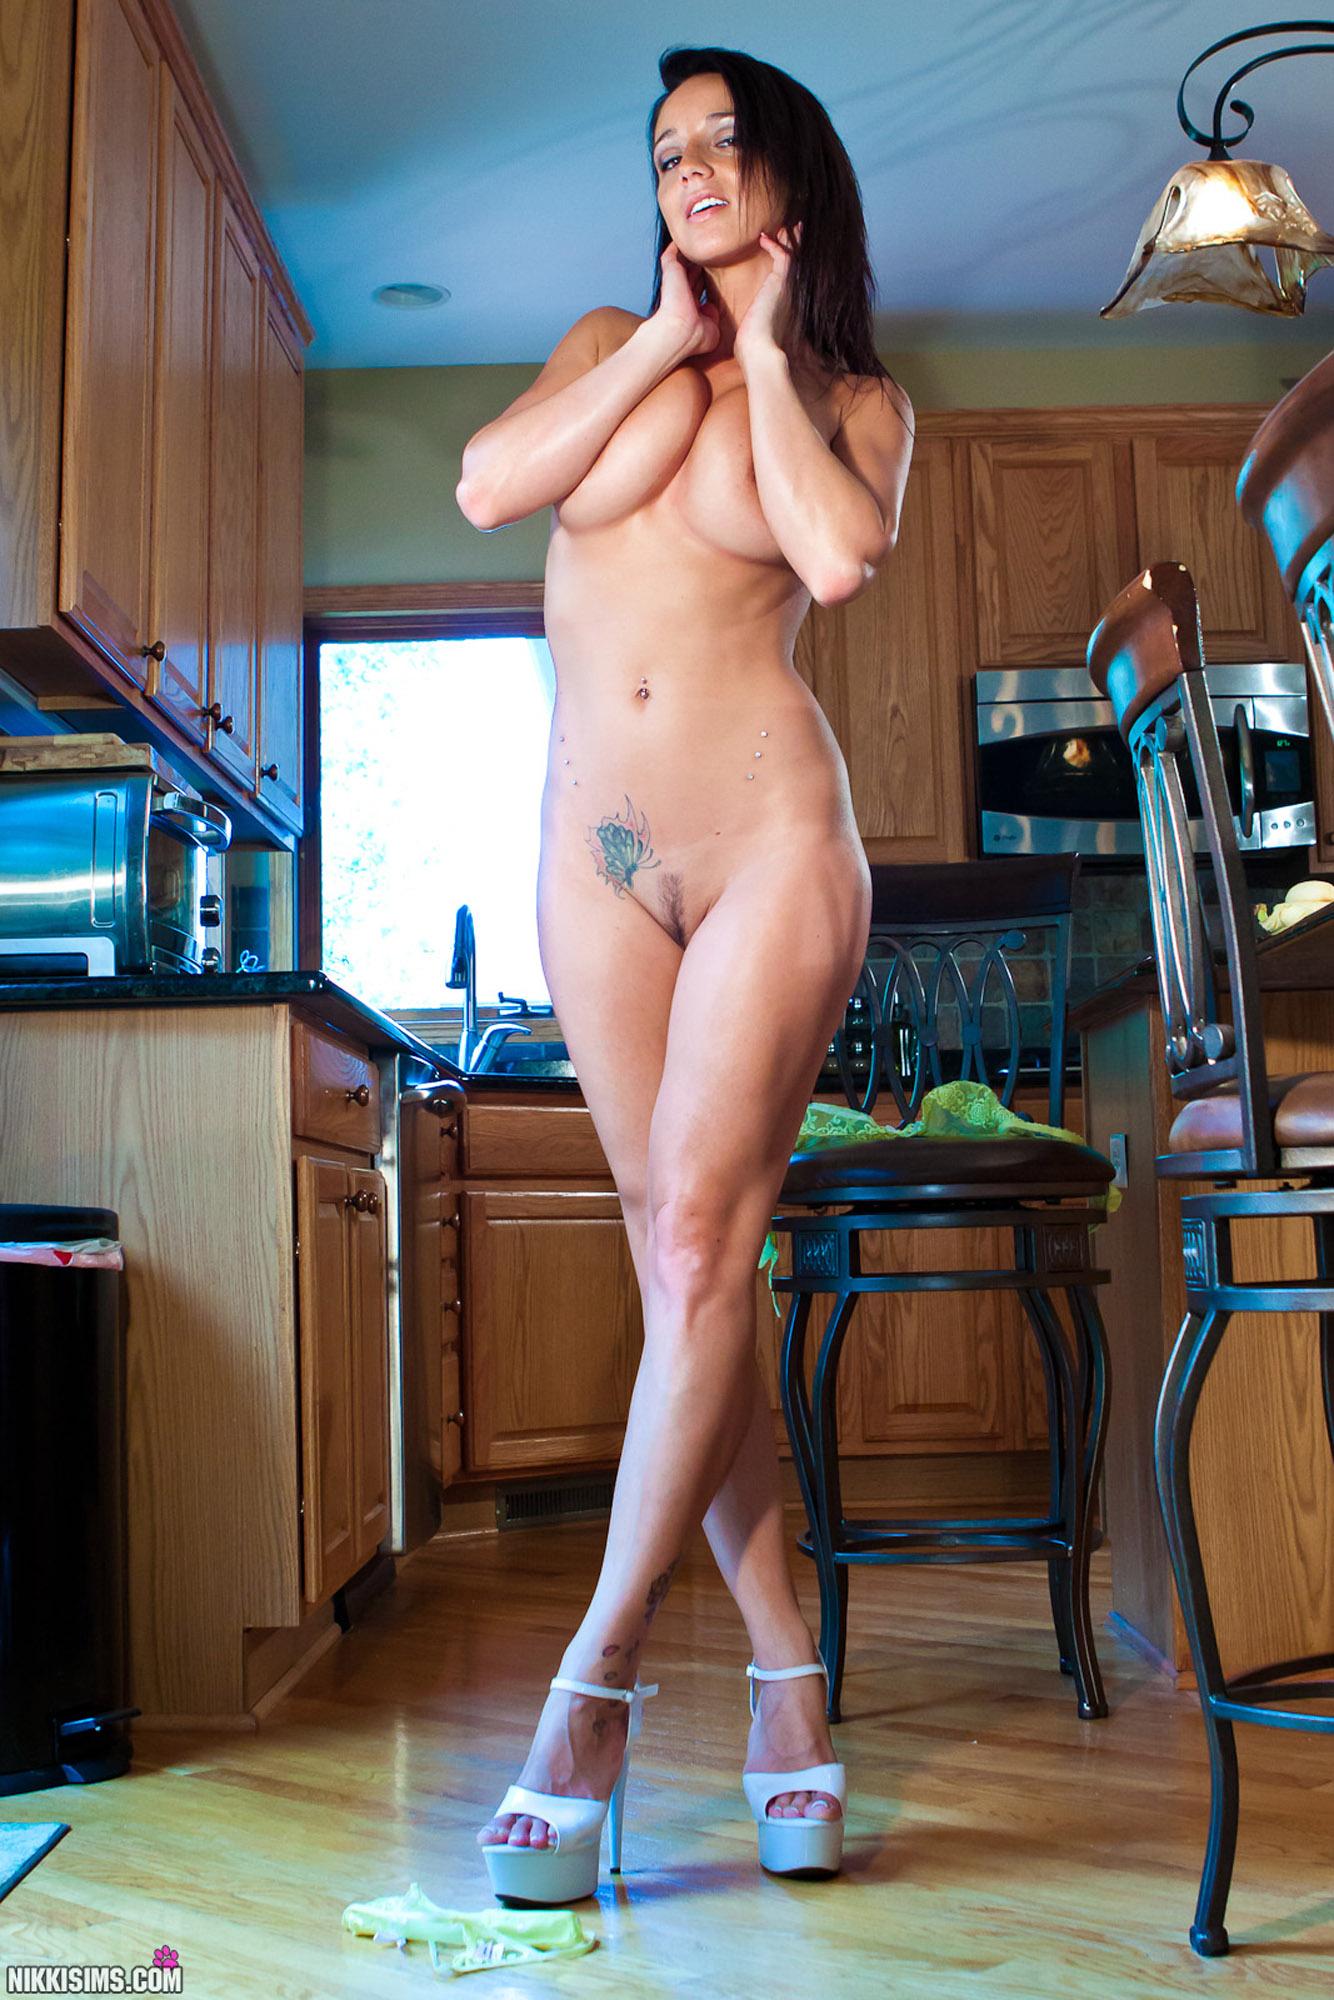 Nikki sims nude nipples xxx image